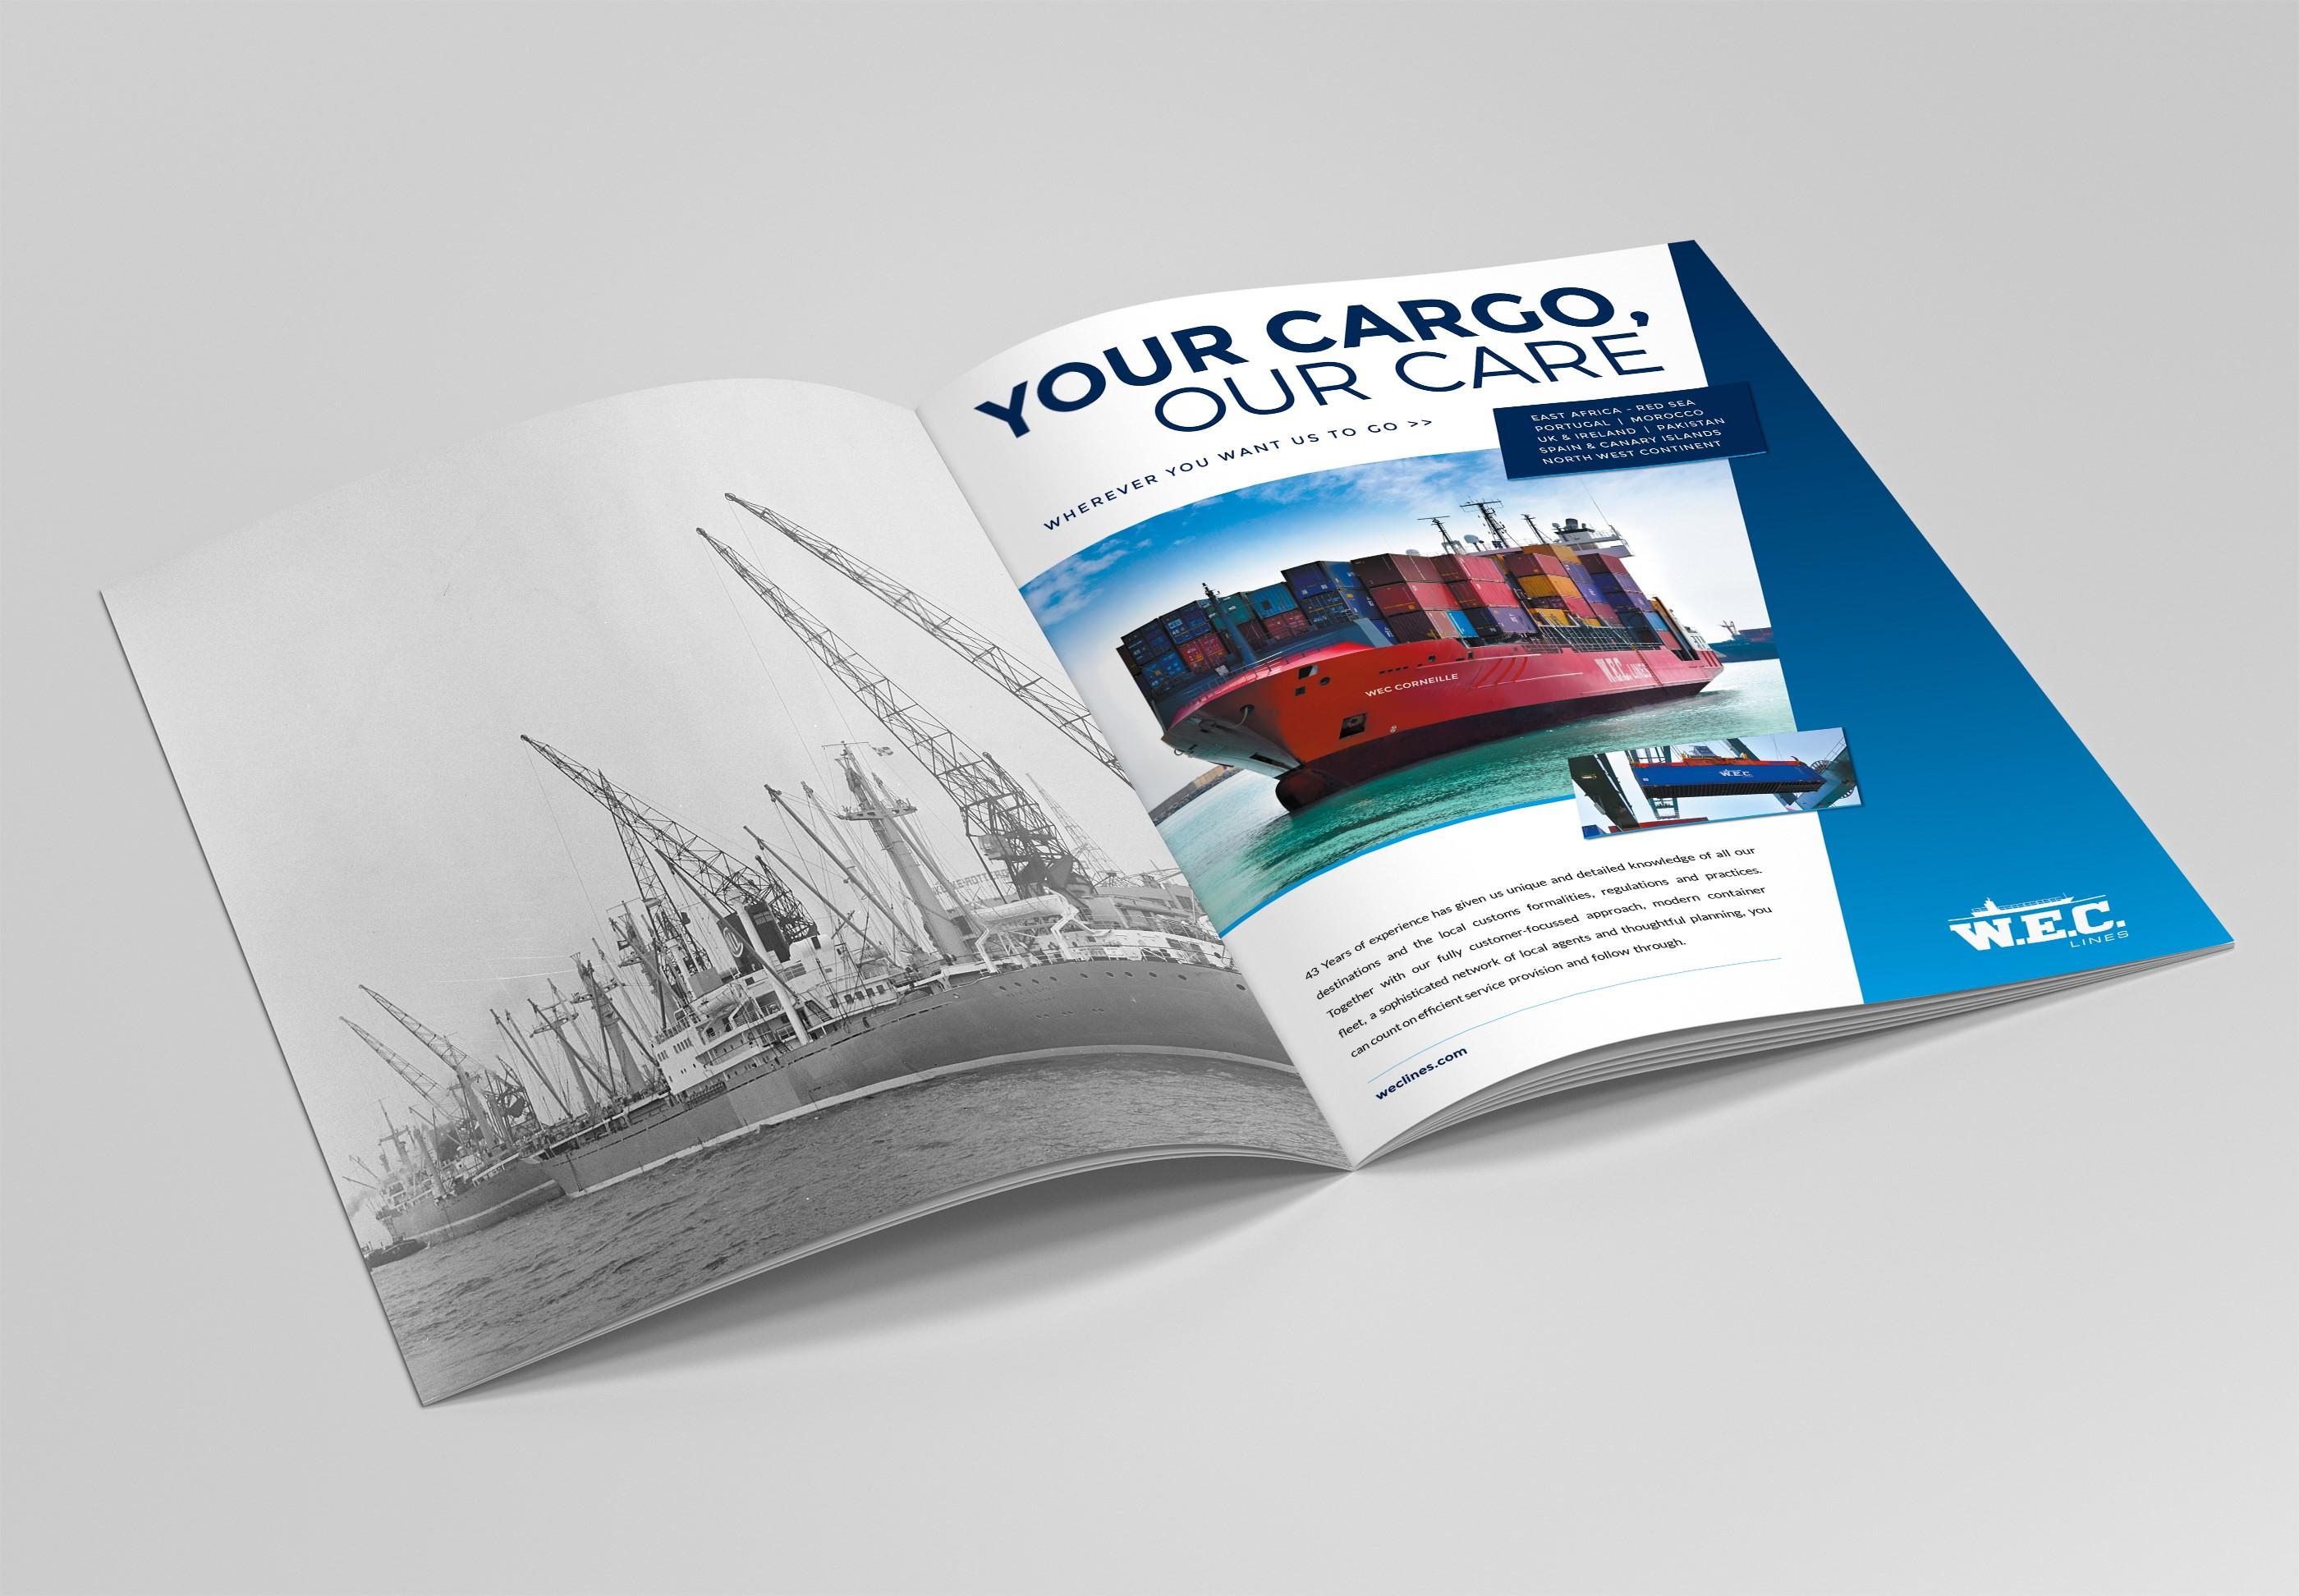 Opengeslagen magazine, rechterpagina toont advertentie van WEC Lines met containerschip